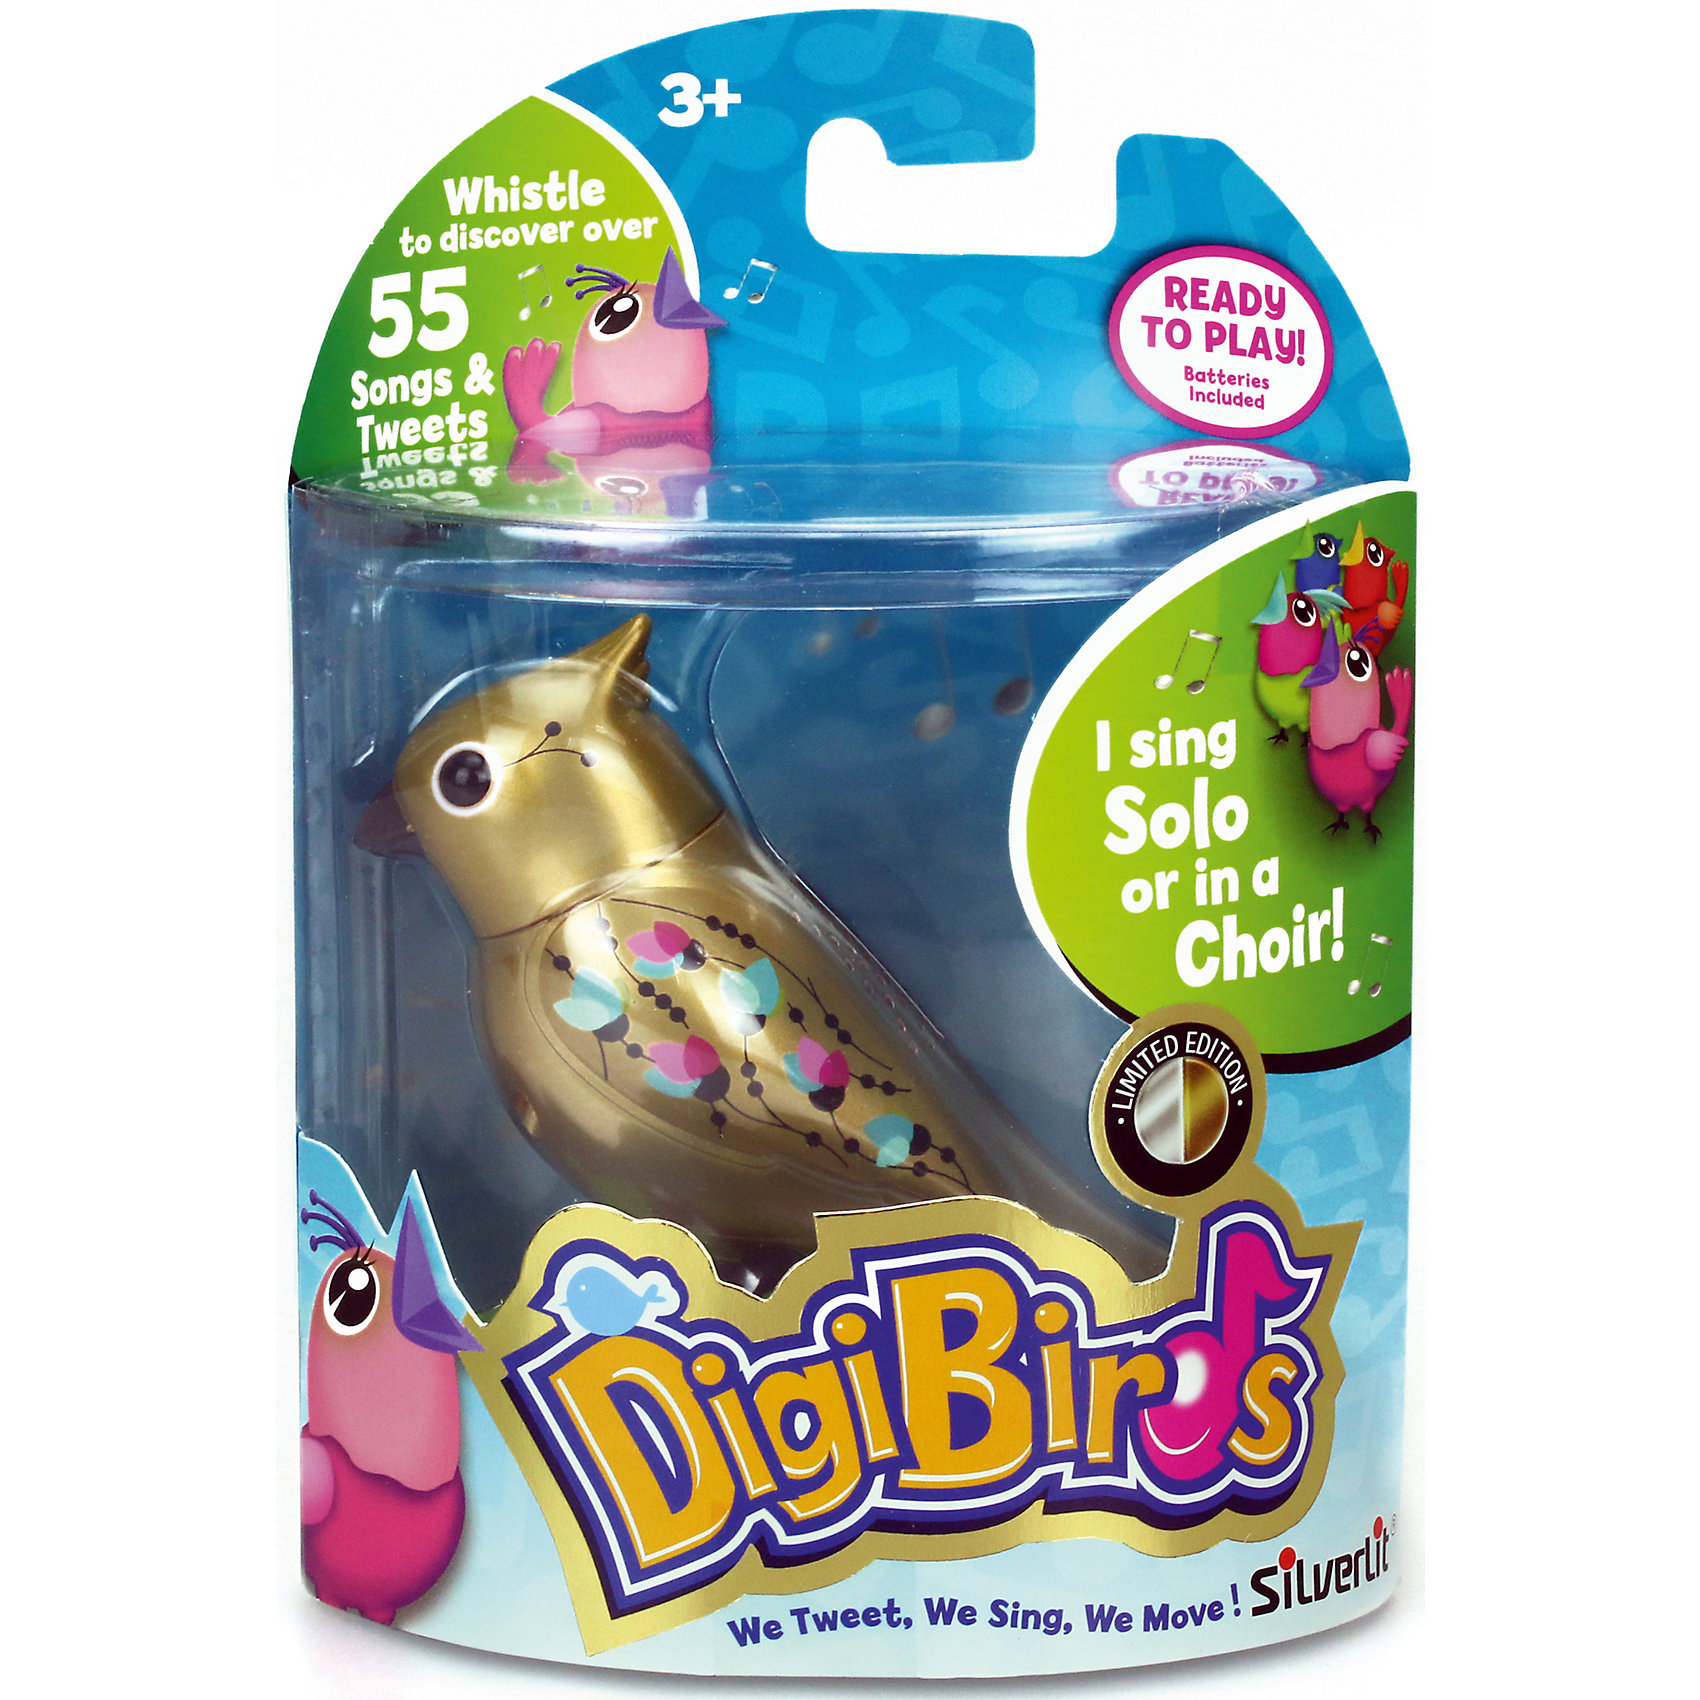 Silverlit Золотая поющая птичка, DigiBirds silverlit digibirds пингвин фигурист с кольцом серый